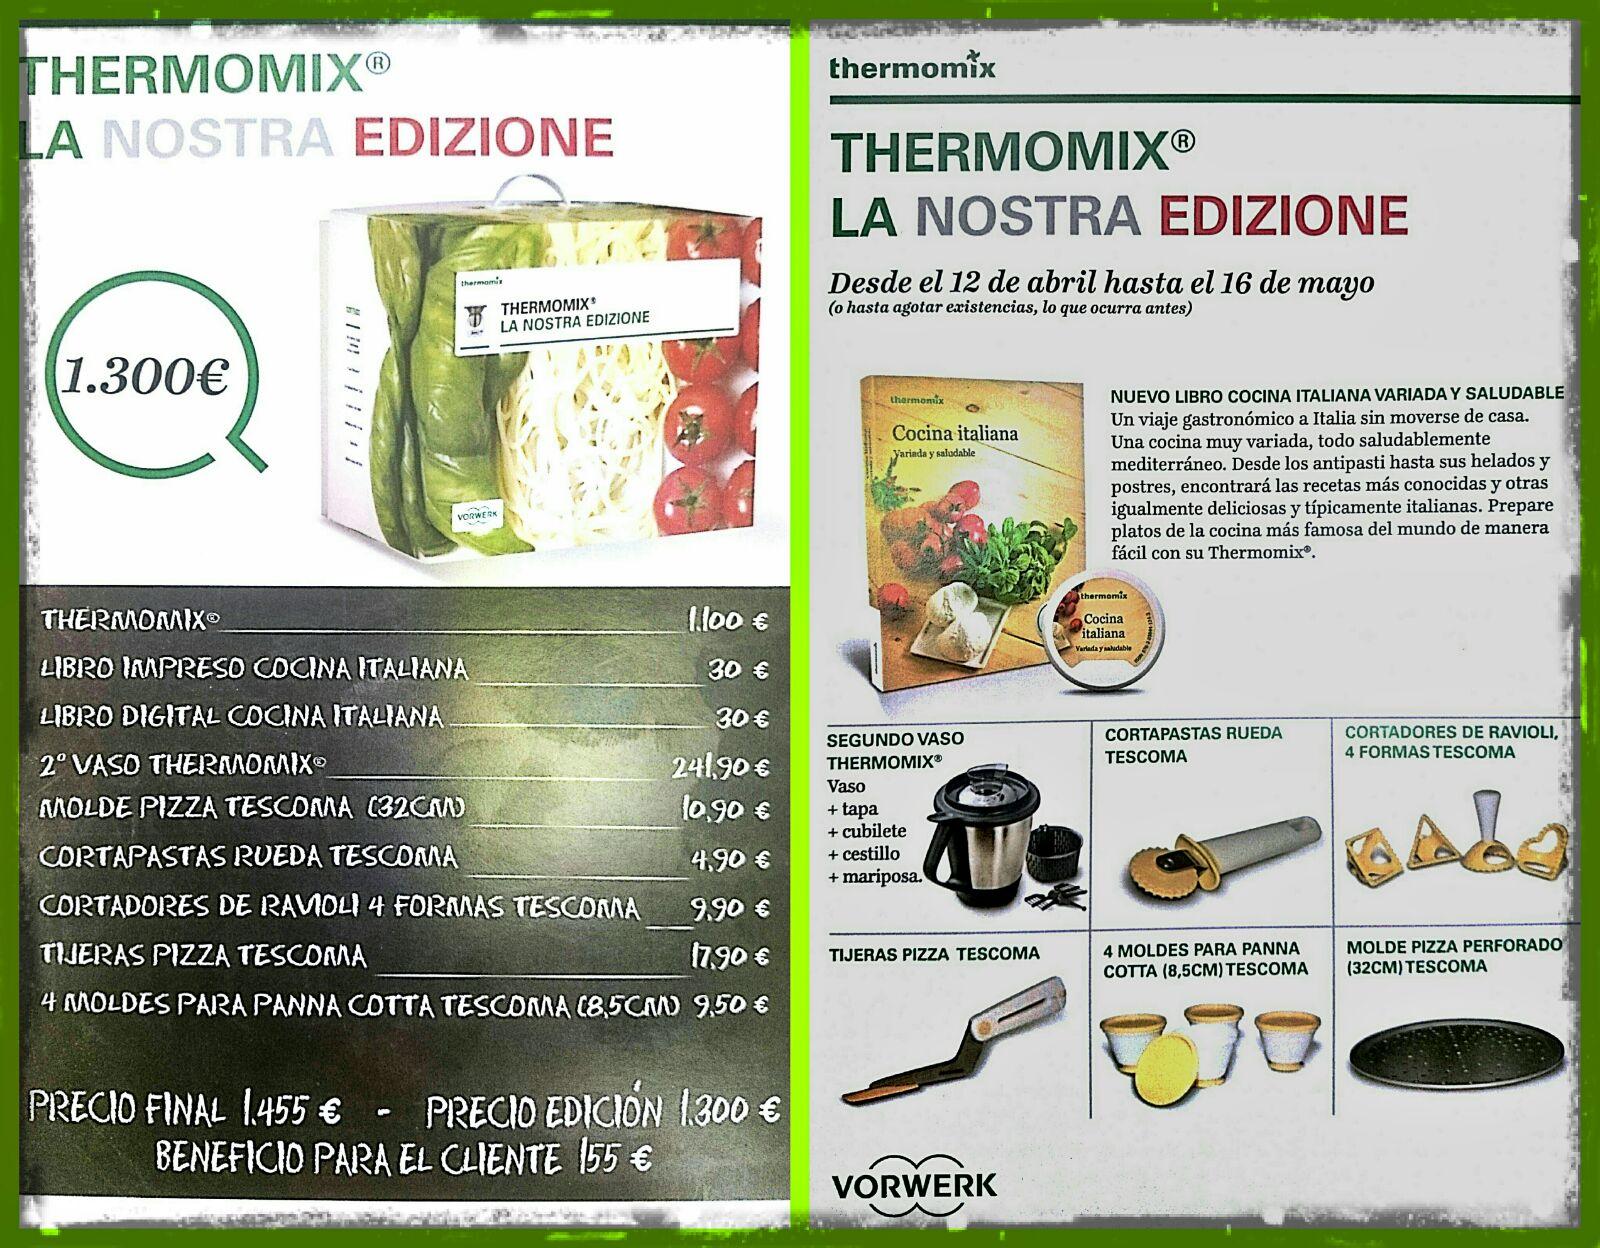 NUEVA EDICIÓN DE Thermomix® : LA NOSTRA EDIZIONE!!!